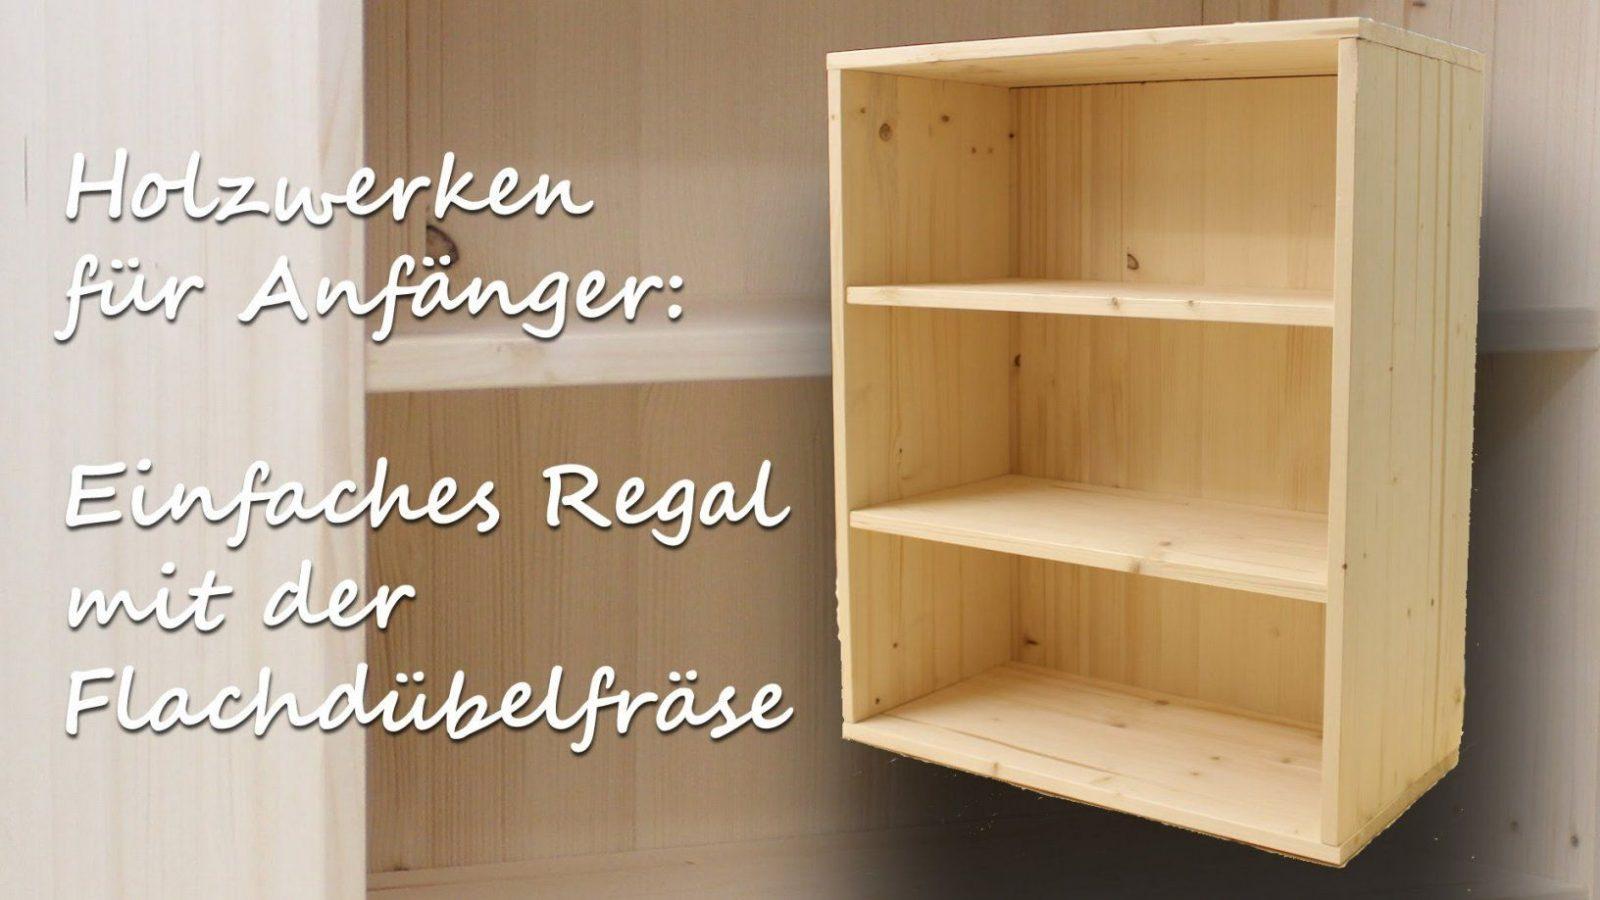 Regal Bauanleitung Holz Beliebt Ikea Regal Kallax Zum Ikea Expedit von Ikea Regal Kallax Aufbauanleitung Bild